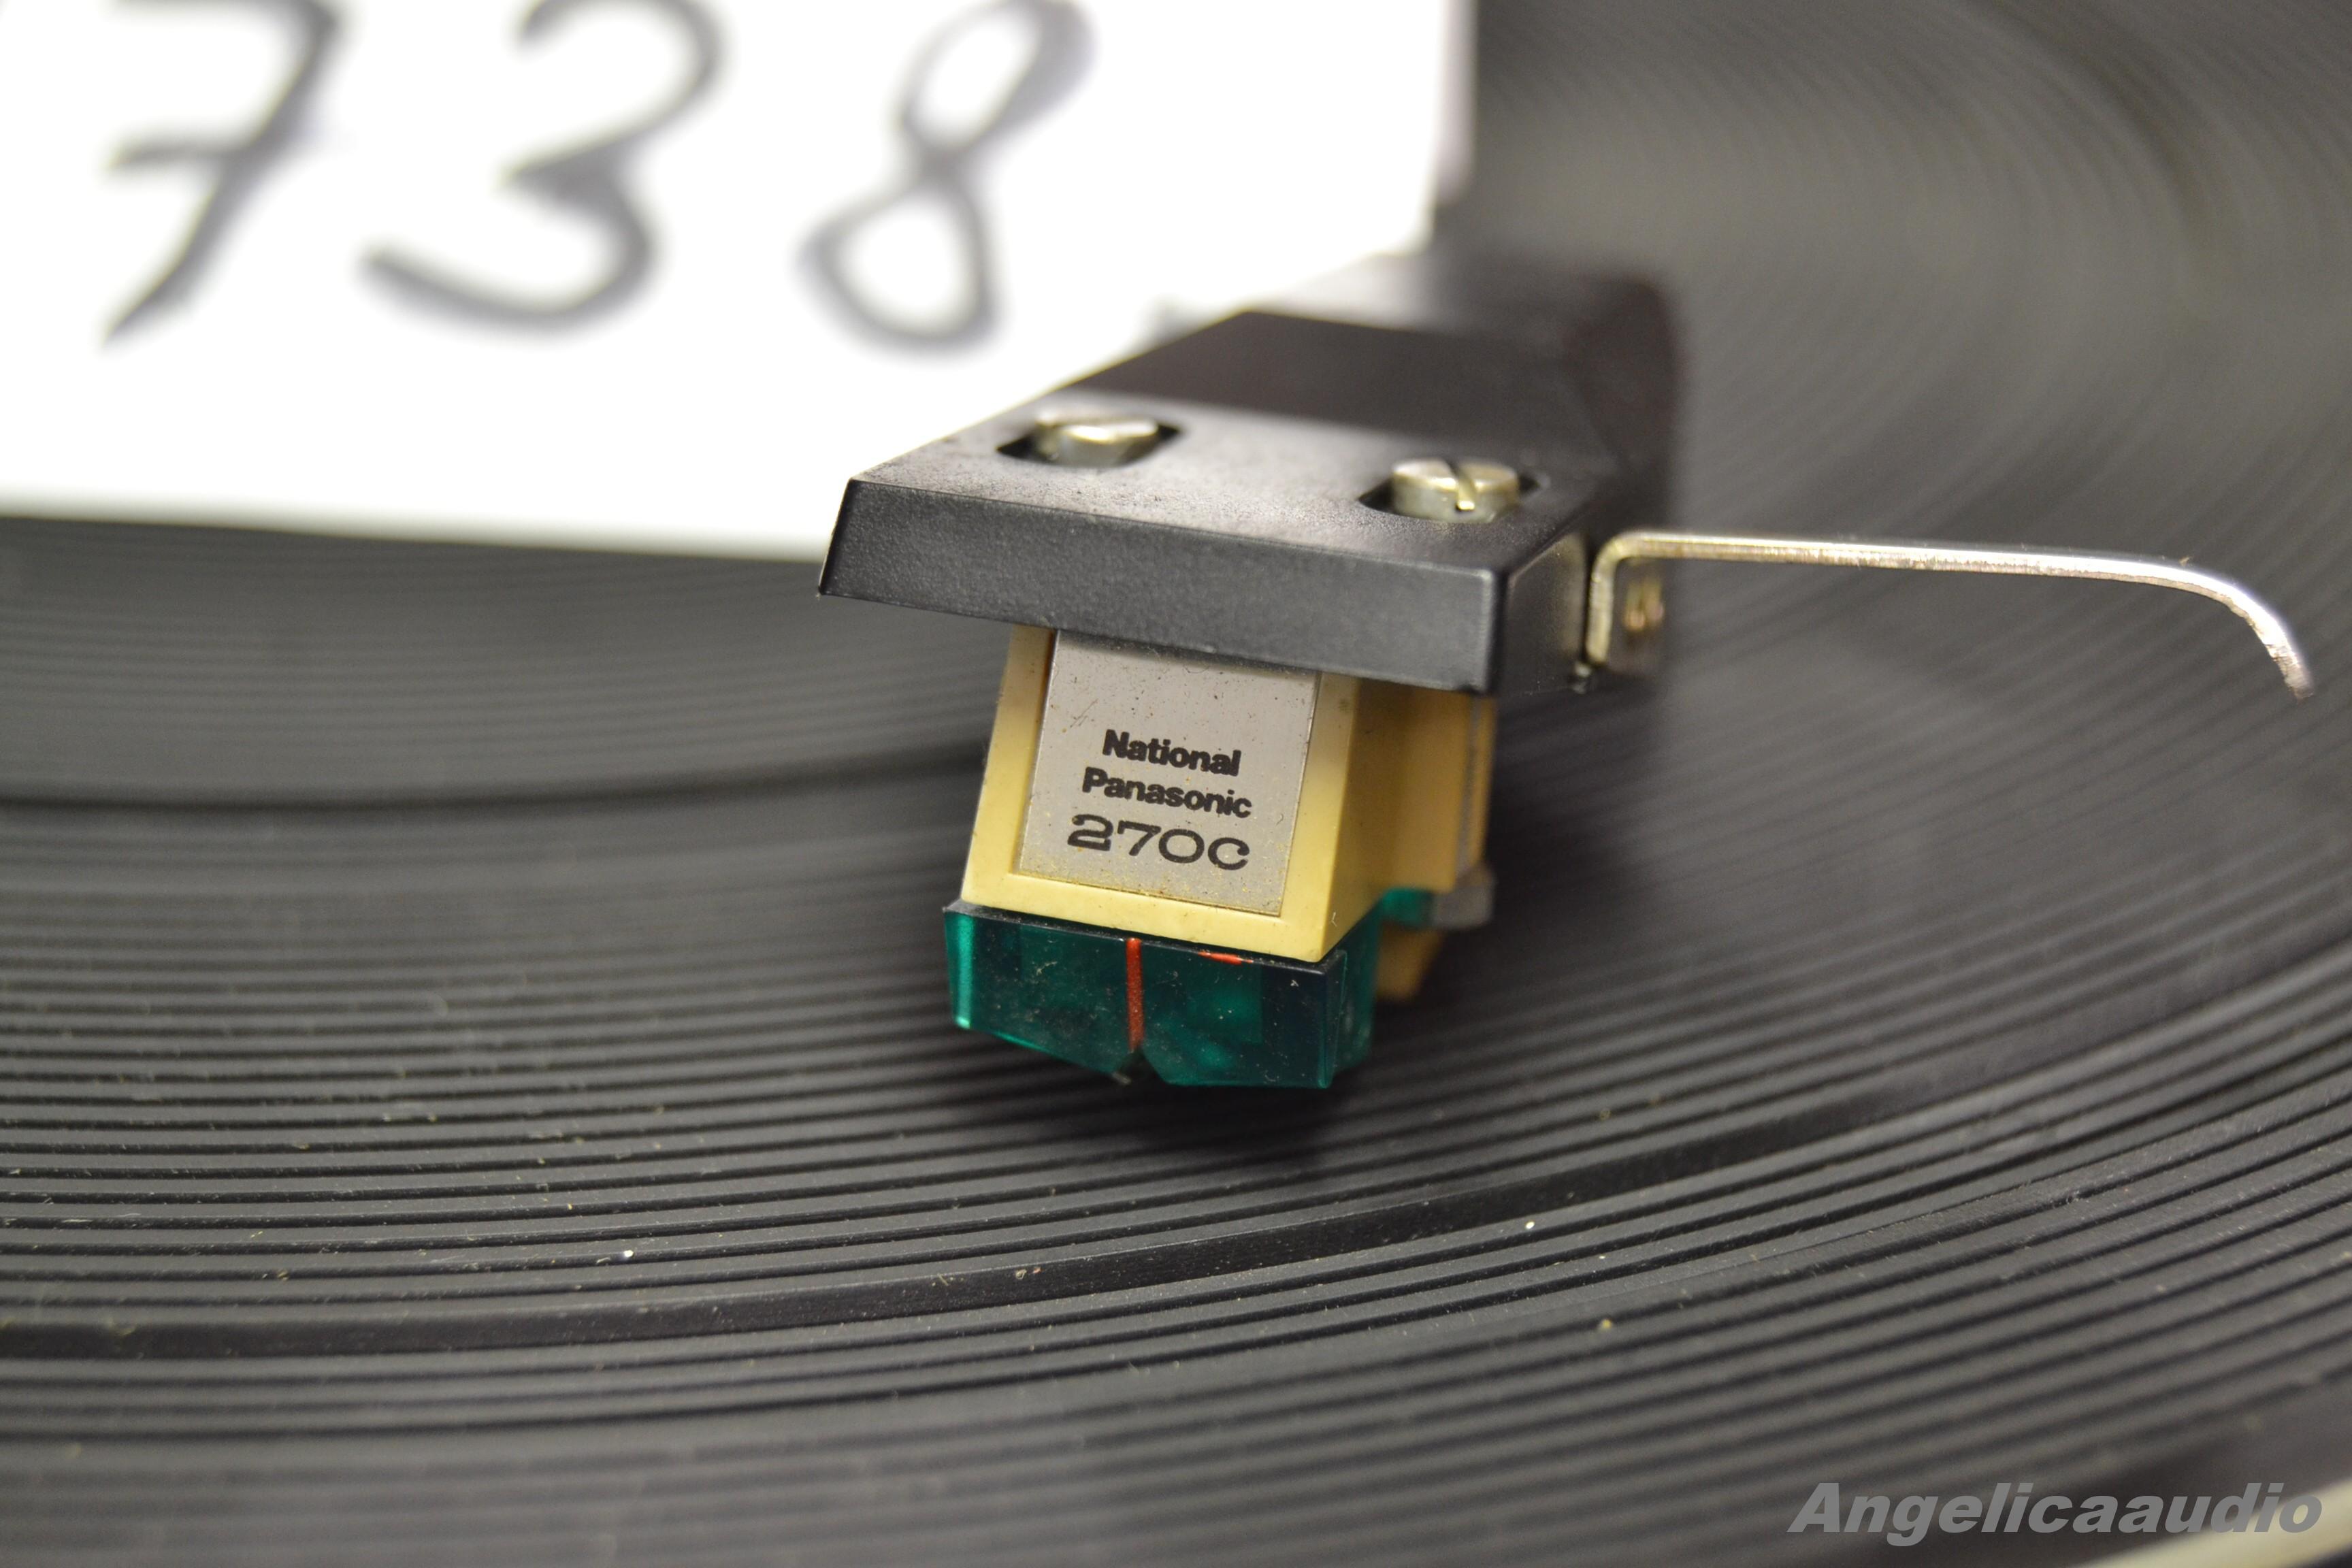 National-Panasonic-270C-11.jpg